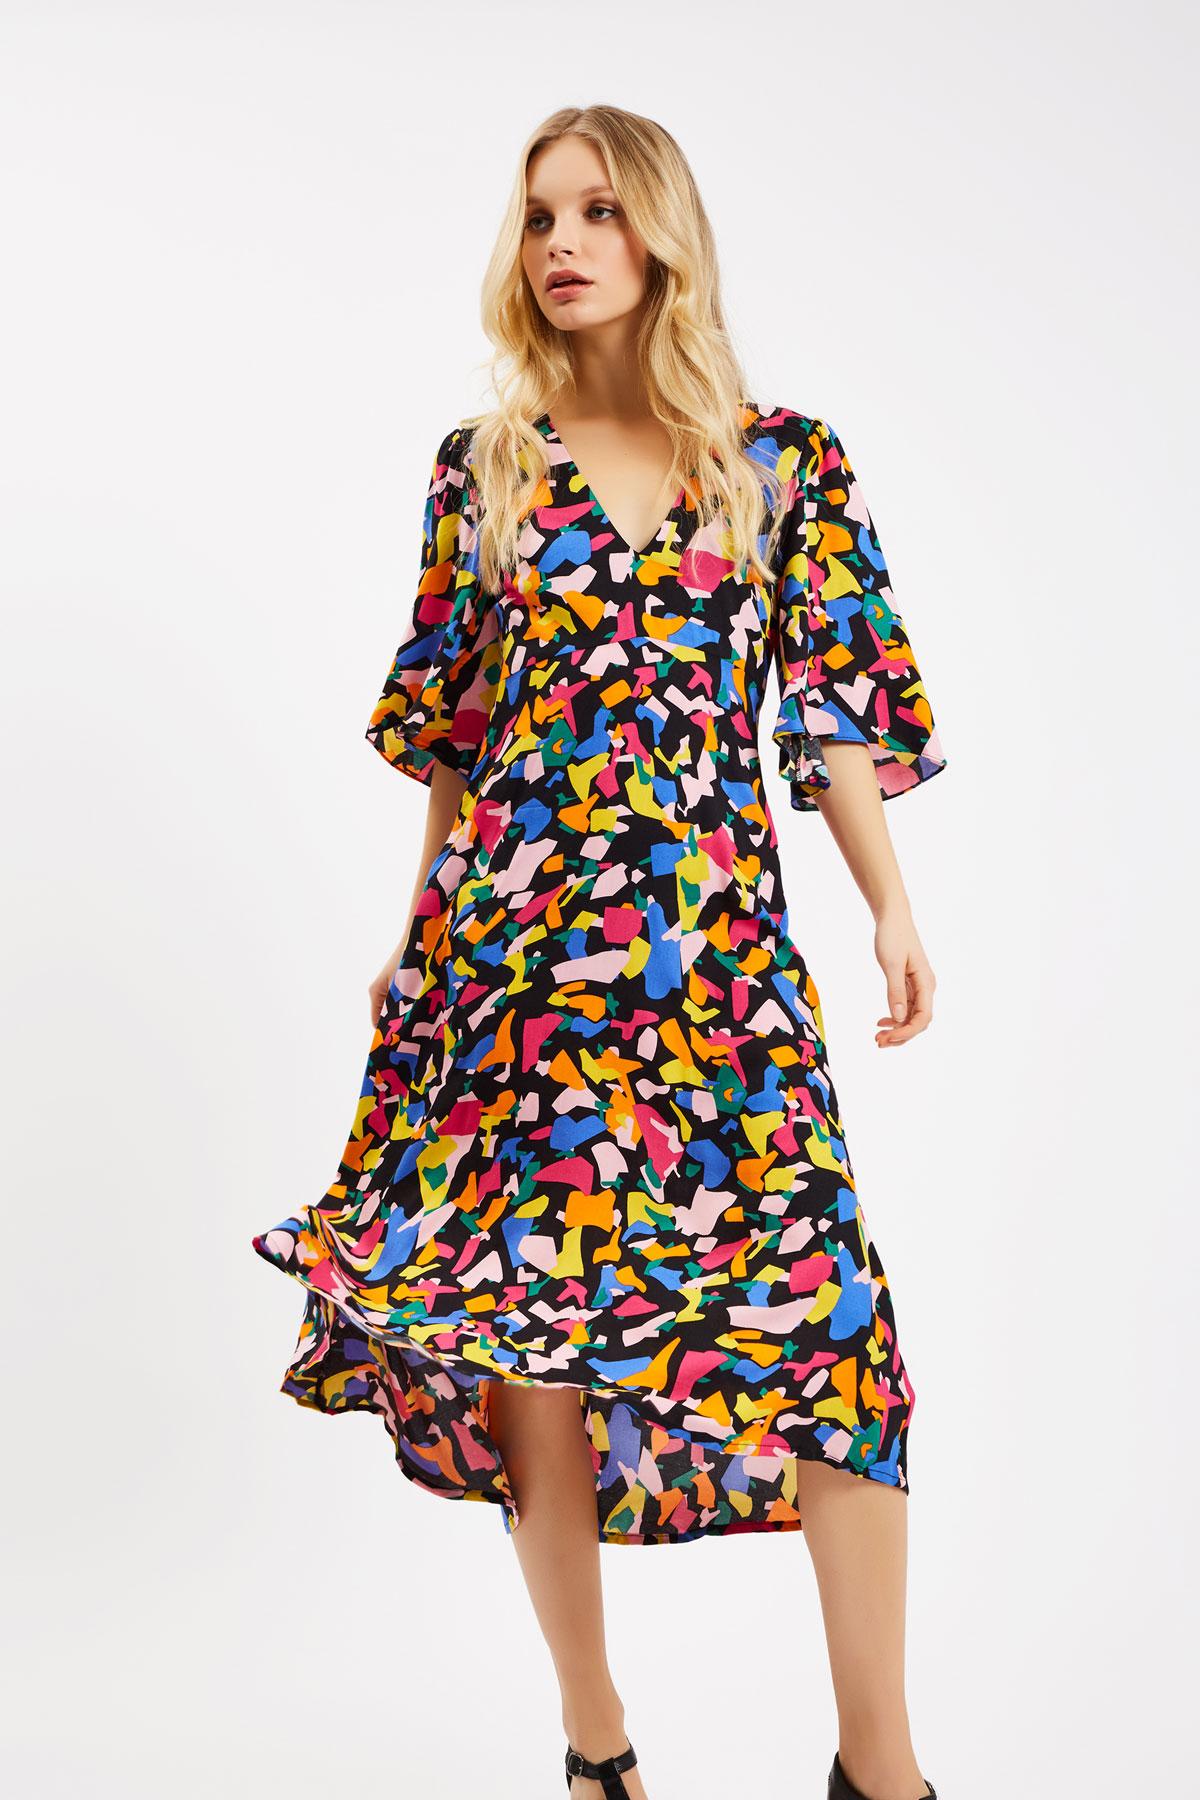 99ee964154d1 Sommarklänningar Dam | Fina klänningar till Outletpris | Afound